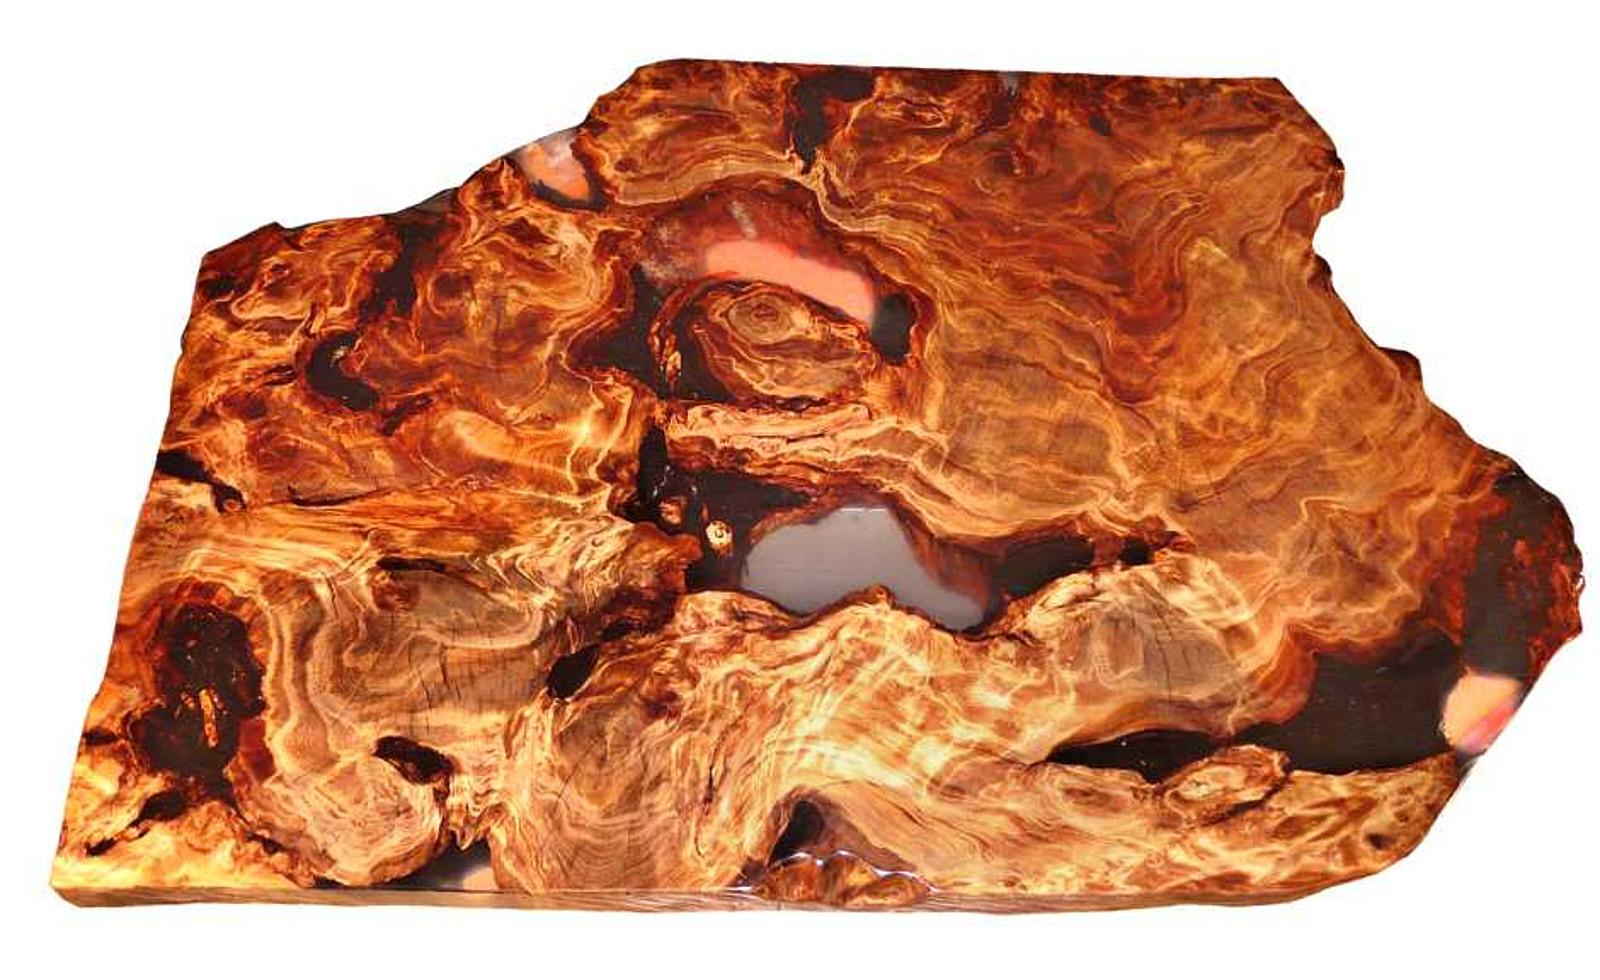 Designer Wurzelholz Couchtisch als Holztisch mit kunstvoller Tischplatte aus Kauri Holz ein Unikat Stück